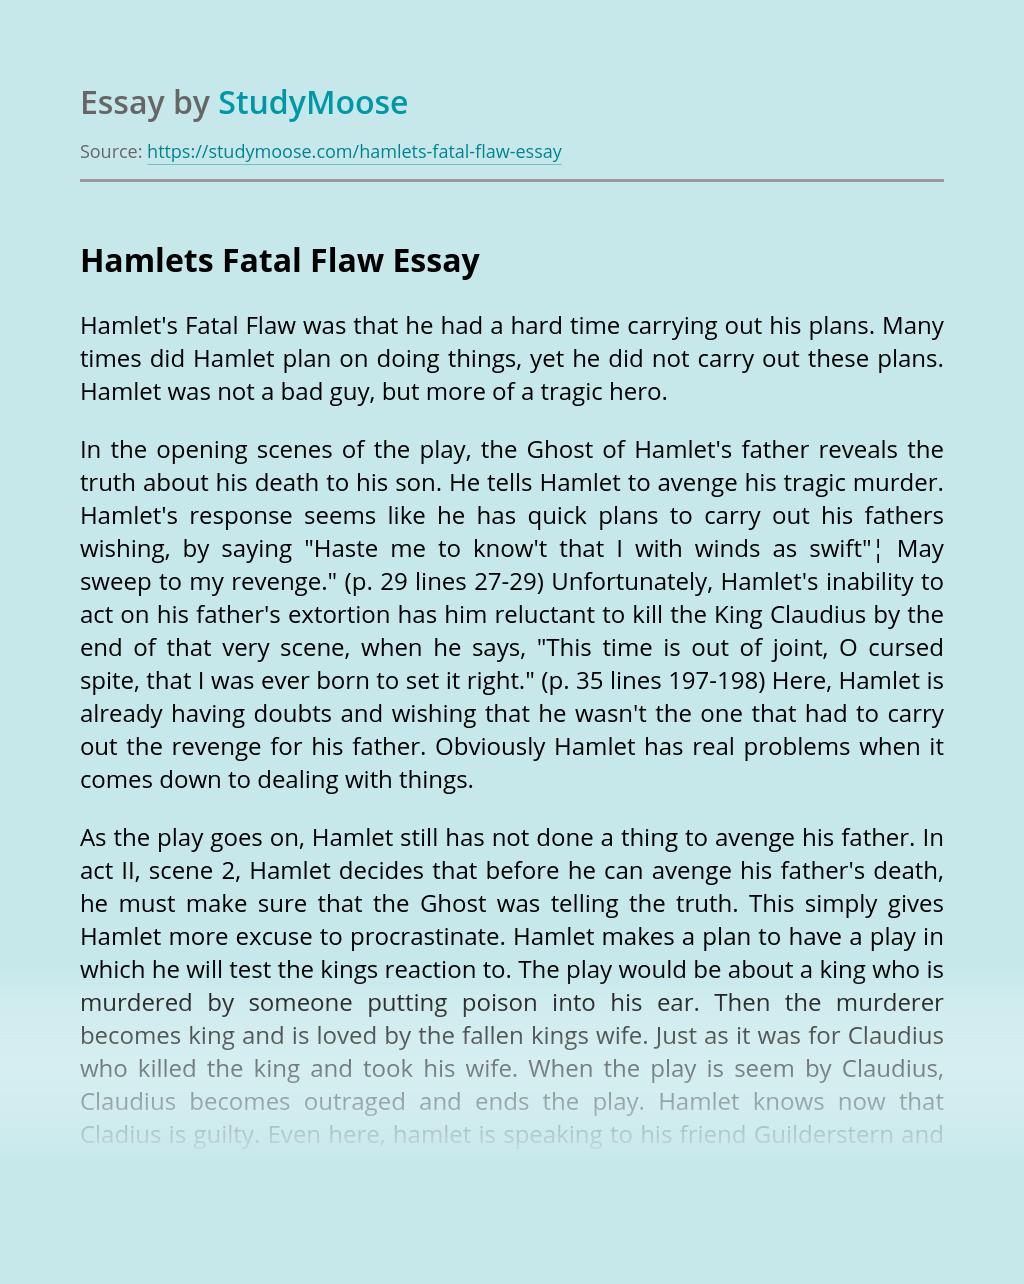 Hamlets Fatal Flaw